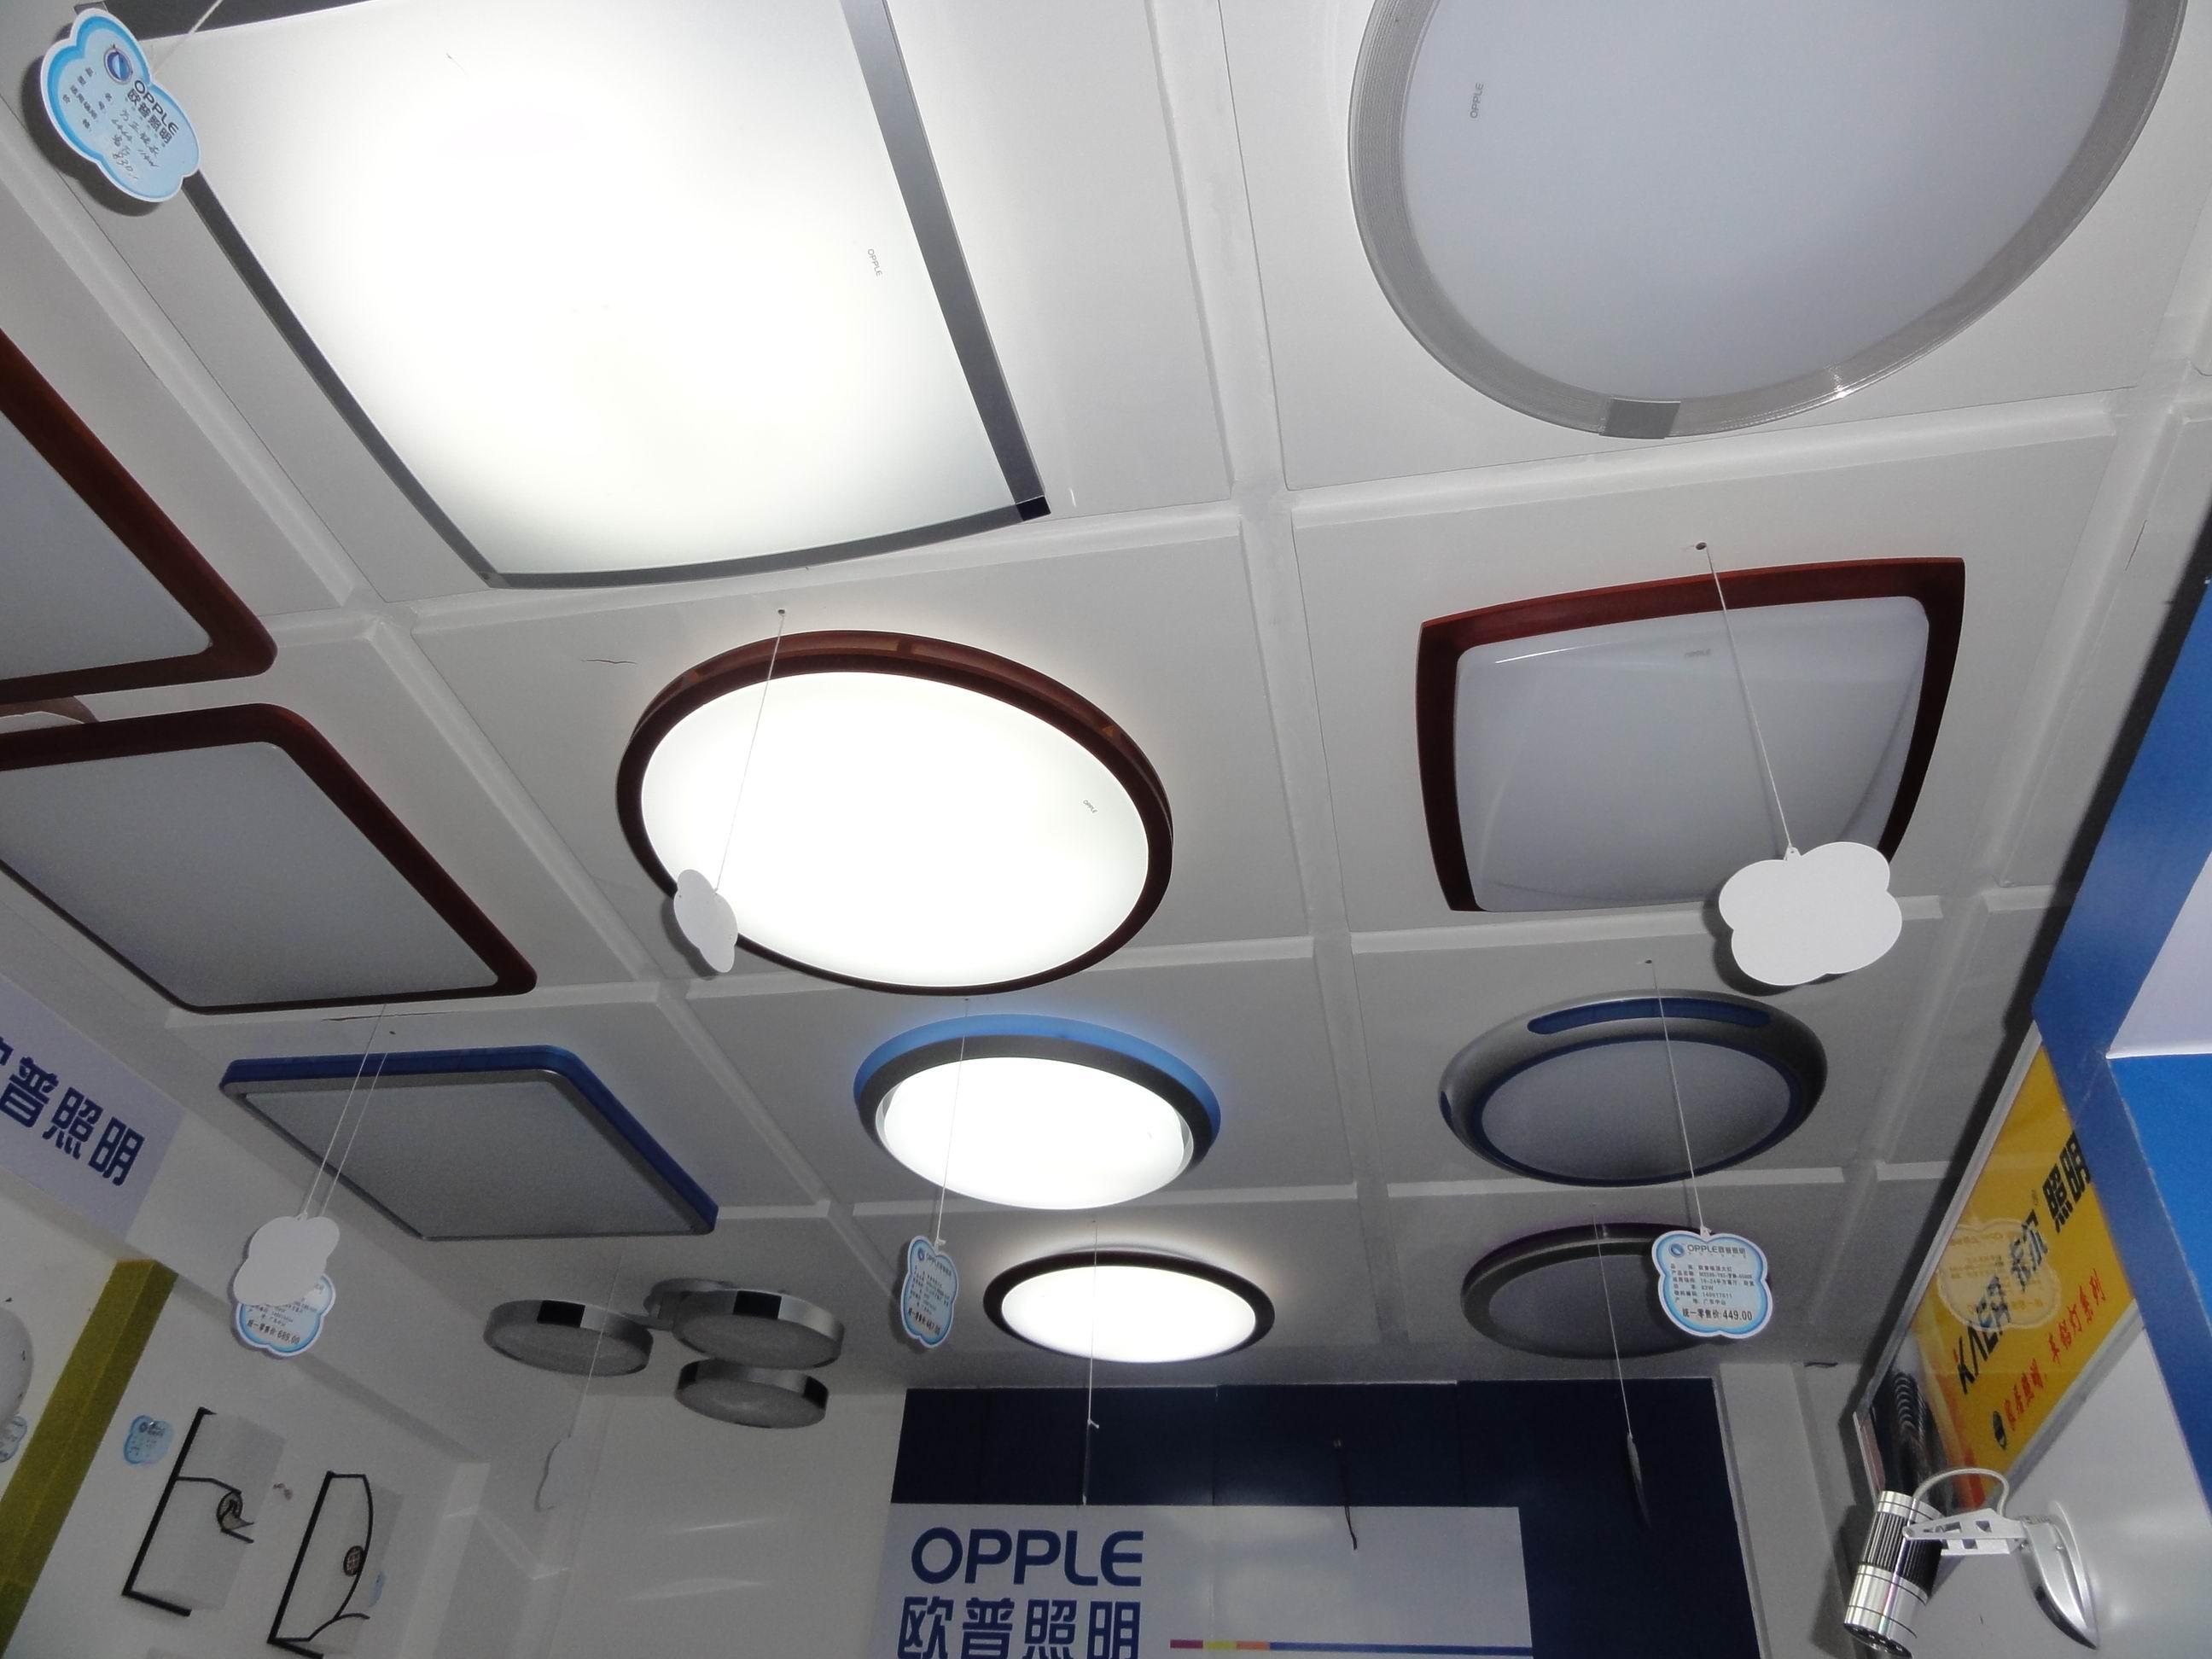 灯具店装修效果图图片,灯具店中式装修图片,灯具店吧台图片,灯具